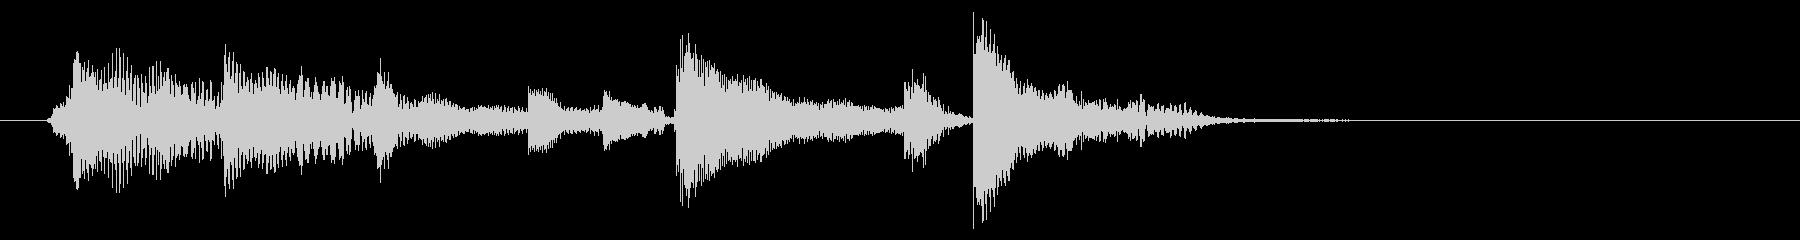 実質5秒:童謡風の脱力系ジングルの未再生の波形